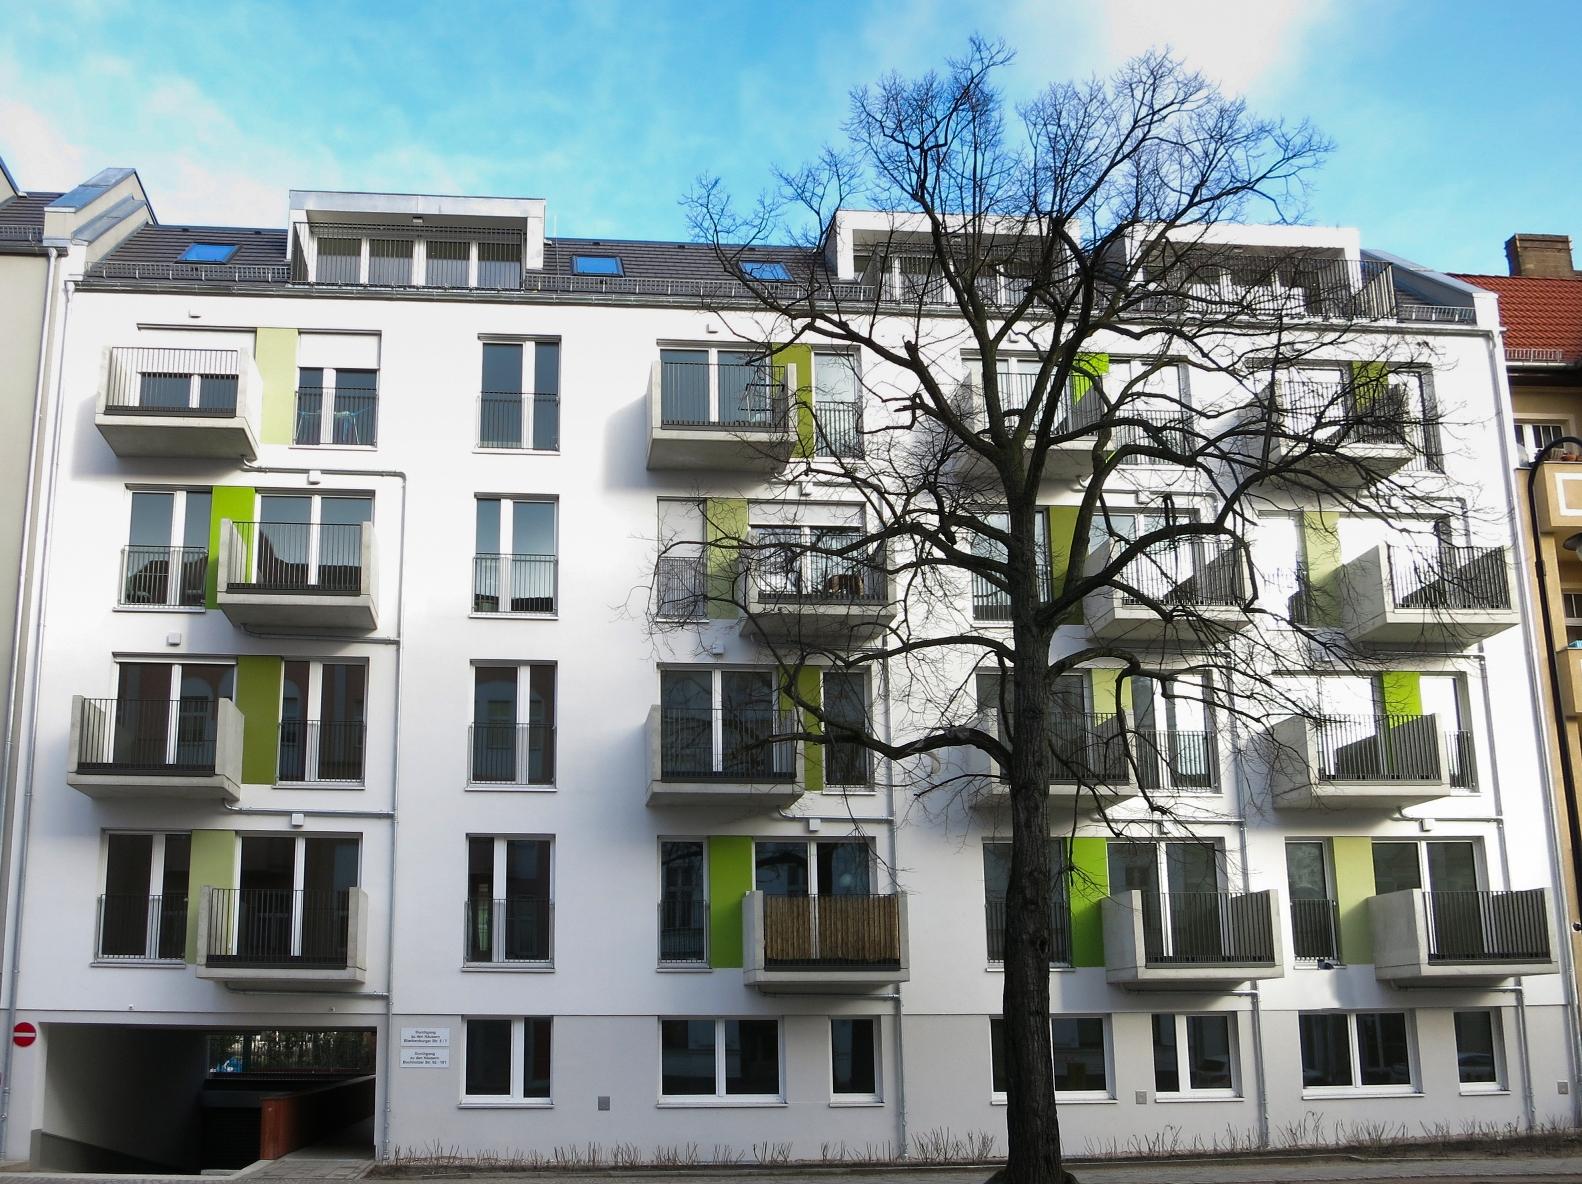 Neubau der Wohnsiedlung Pankower Gärten in Berlin-Pankow